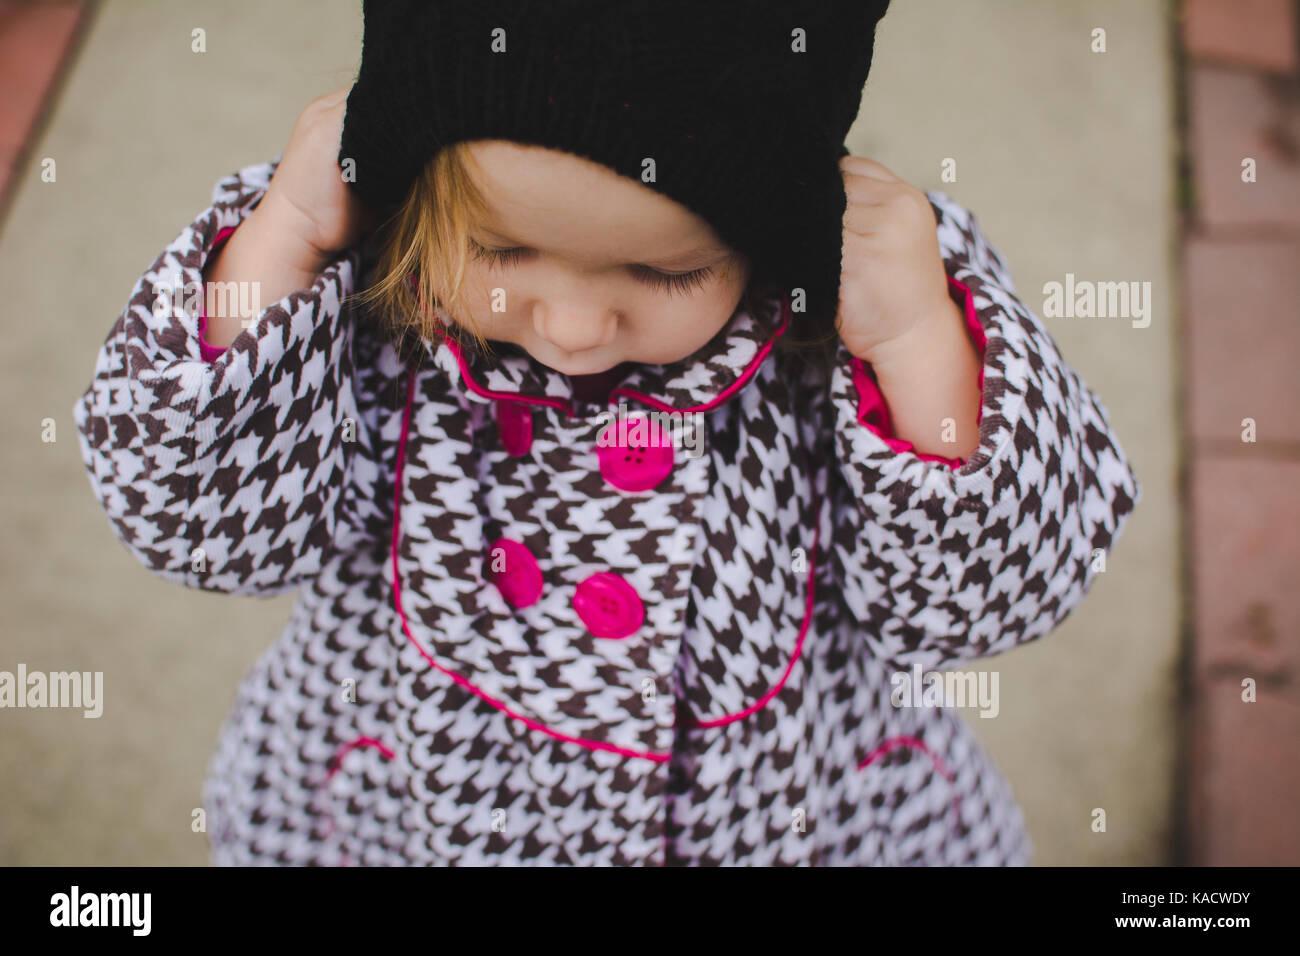 Un niño ajustando su sombrero tejido de invierno. Imagen De Stock